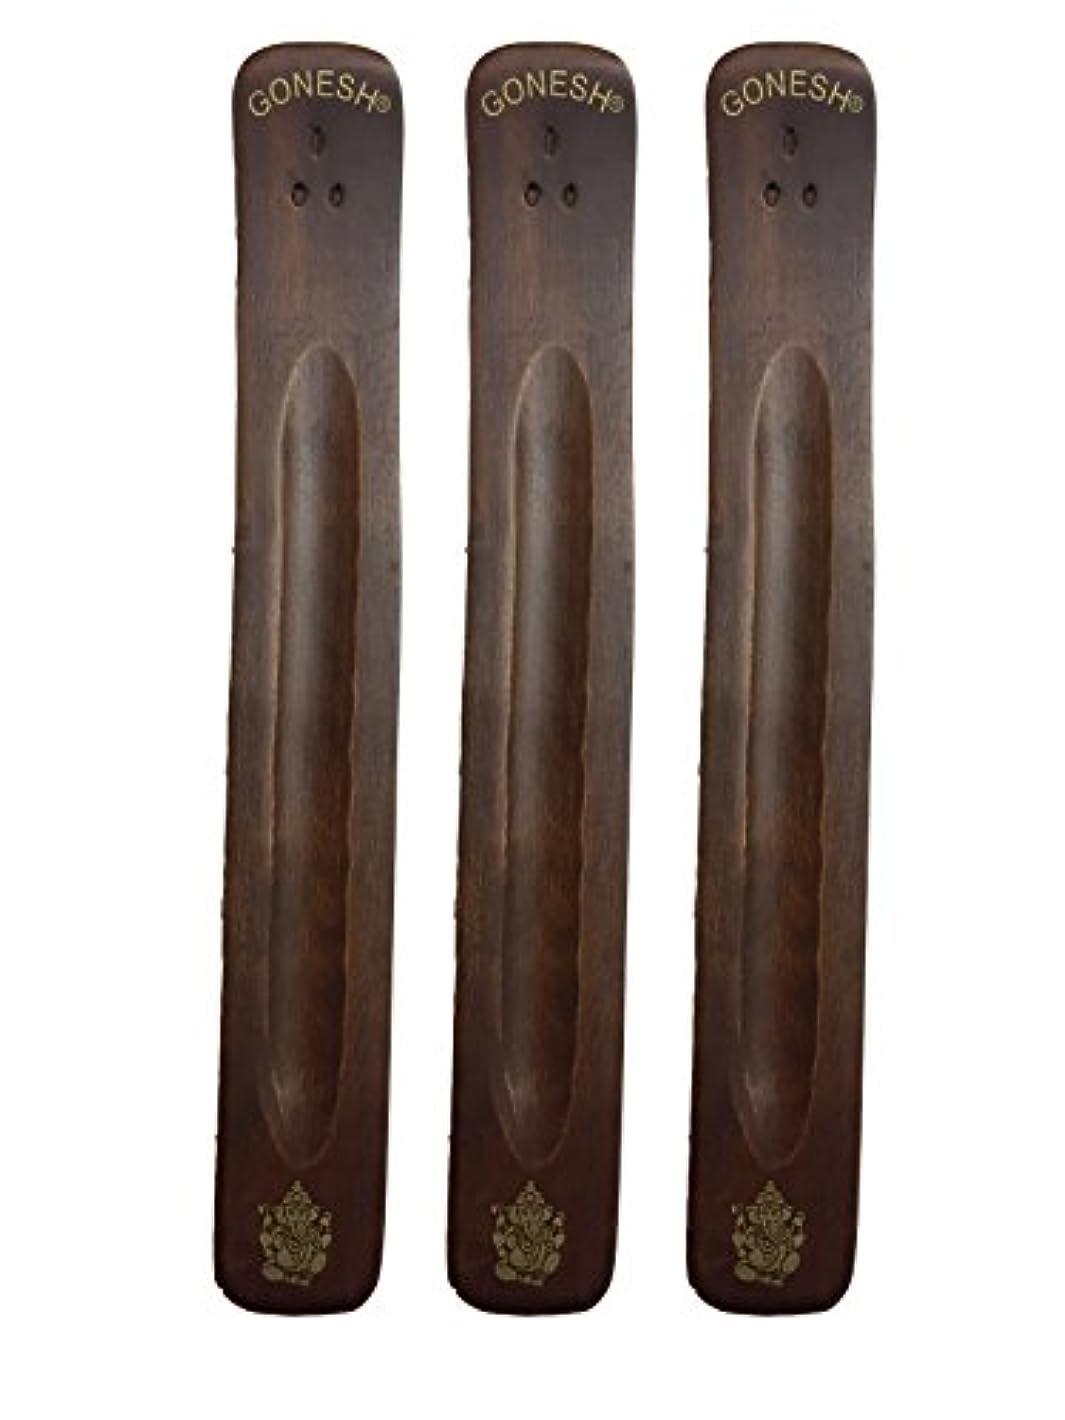 こどもの日たるみ嘆く3パックGonesh Incense Burner ~ Traditional Incense Holder with Inlaidデザイン~約11インチ、のさまざまなデザイン